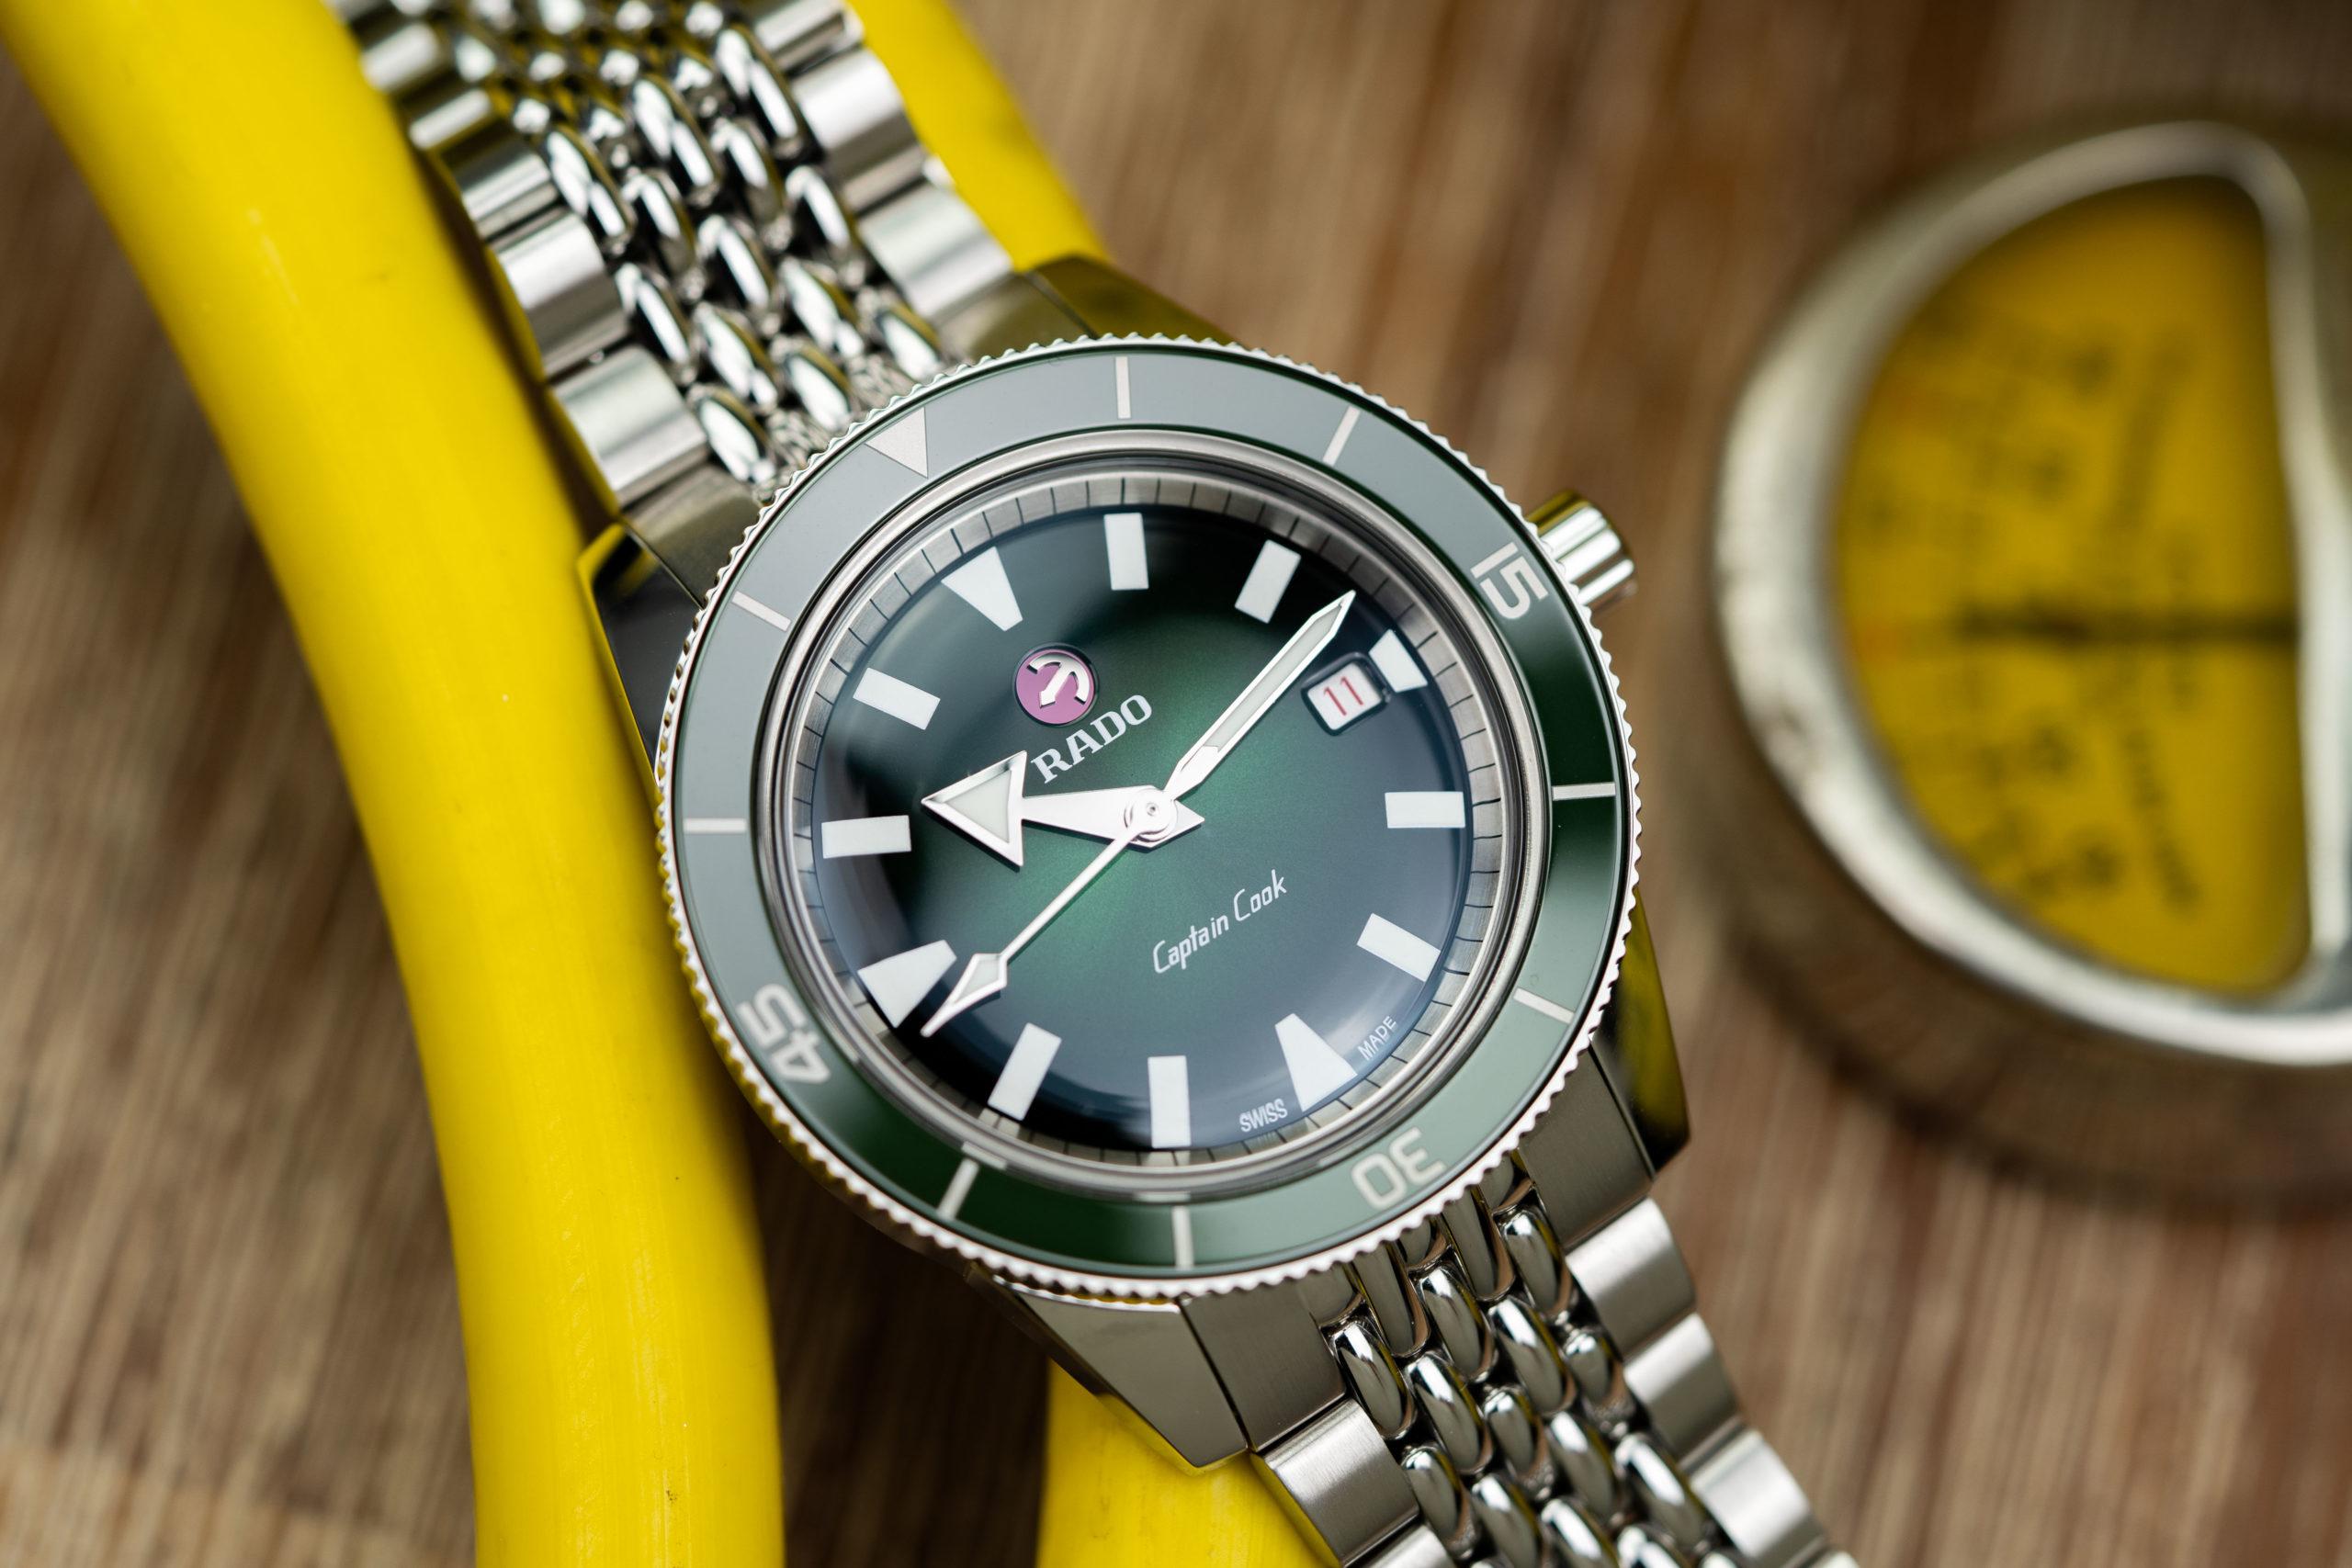 Rado-Captain-Cook-Automatic-green